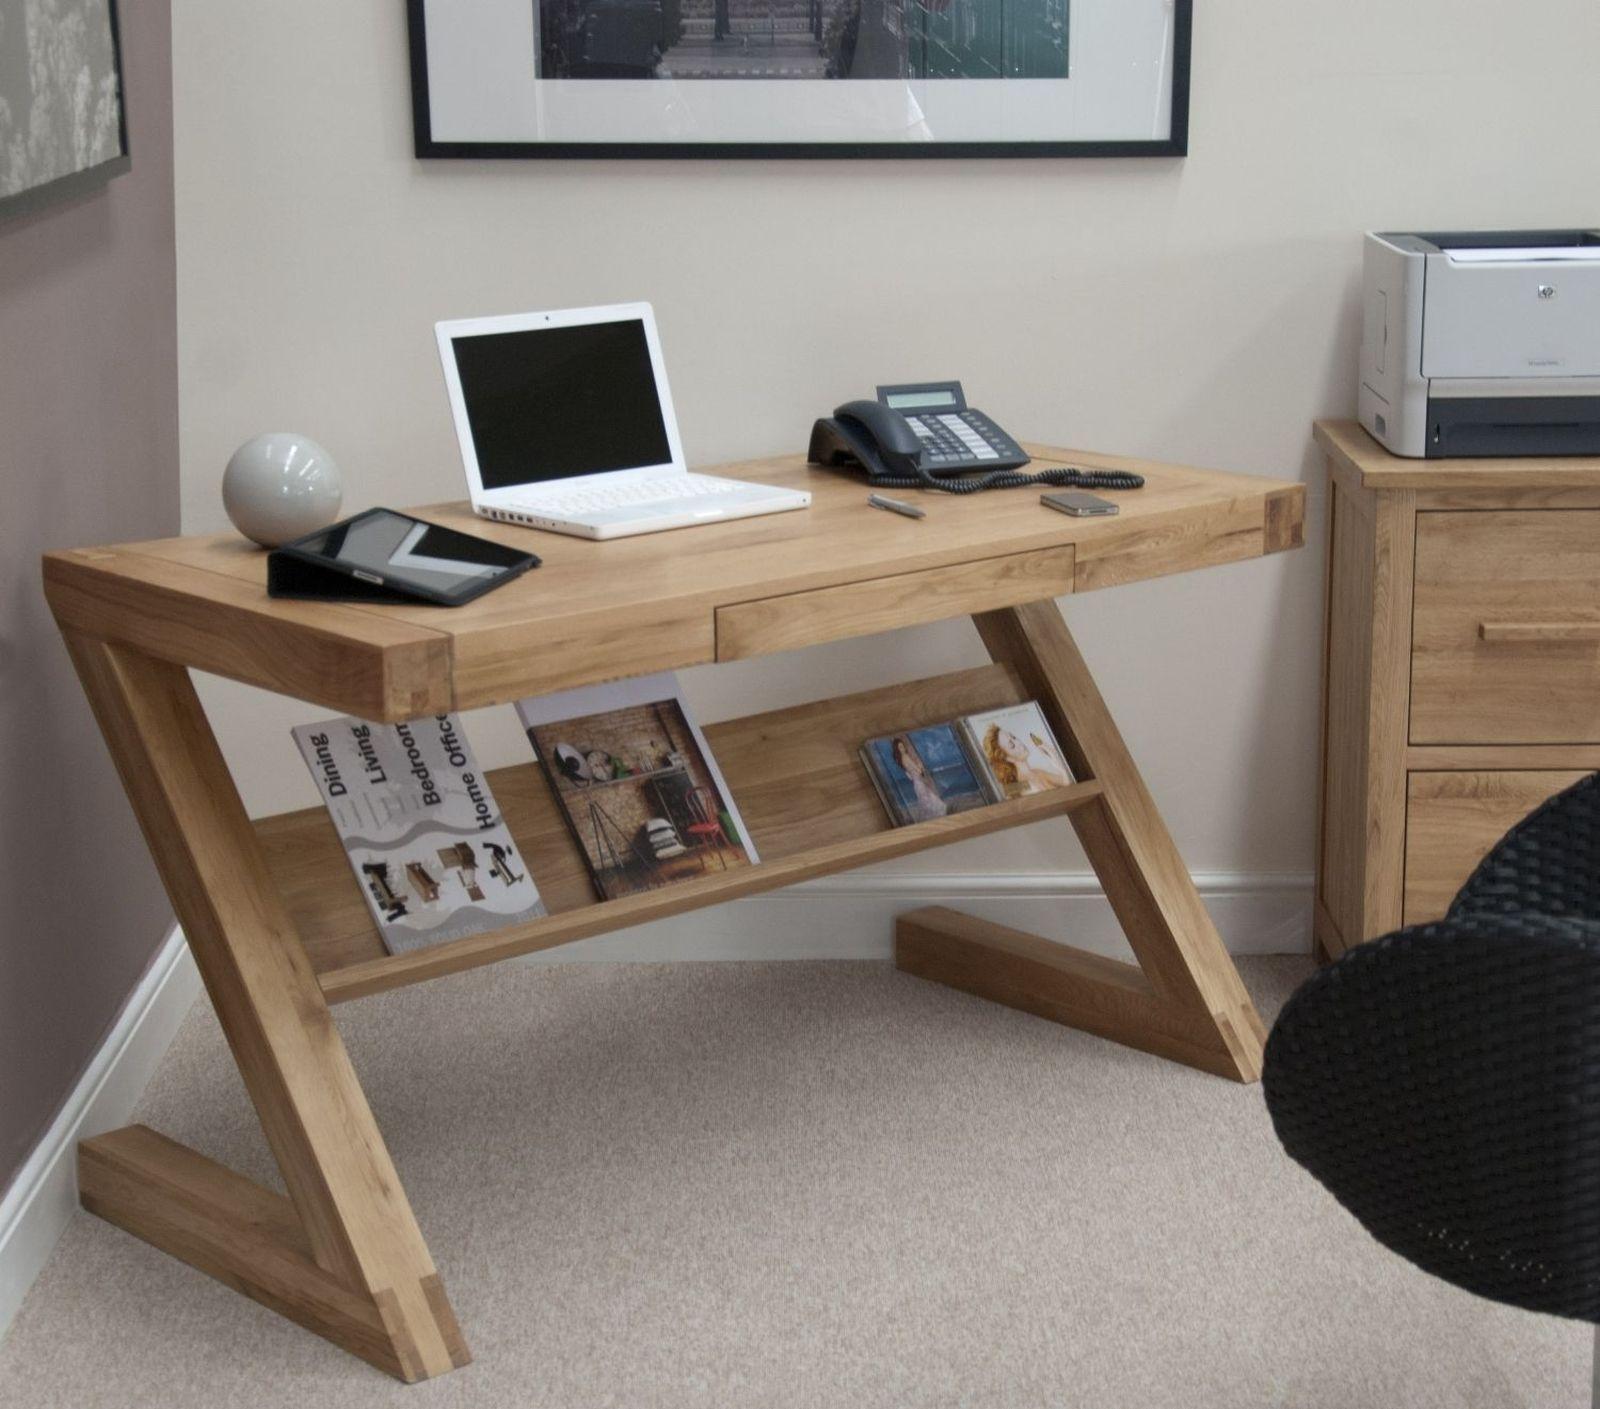 designer computer desks for home. Details about Zouk solid oak designer furniture laptop office PC computer  desk